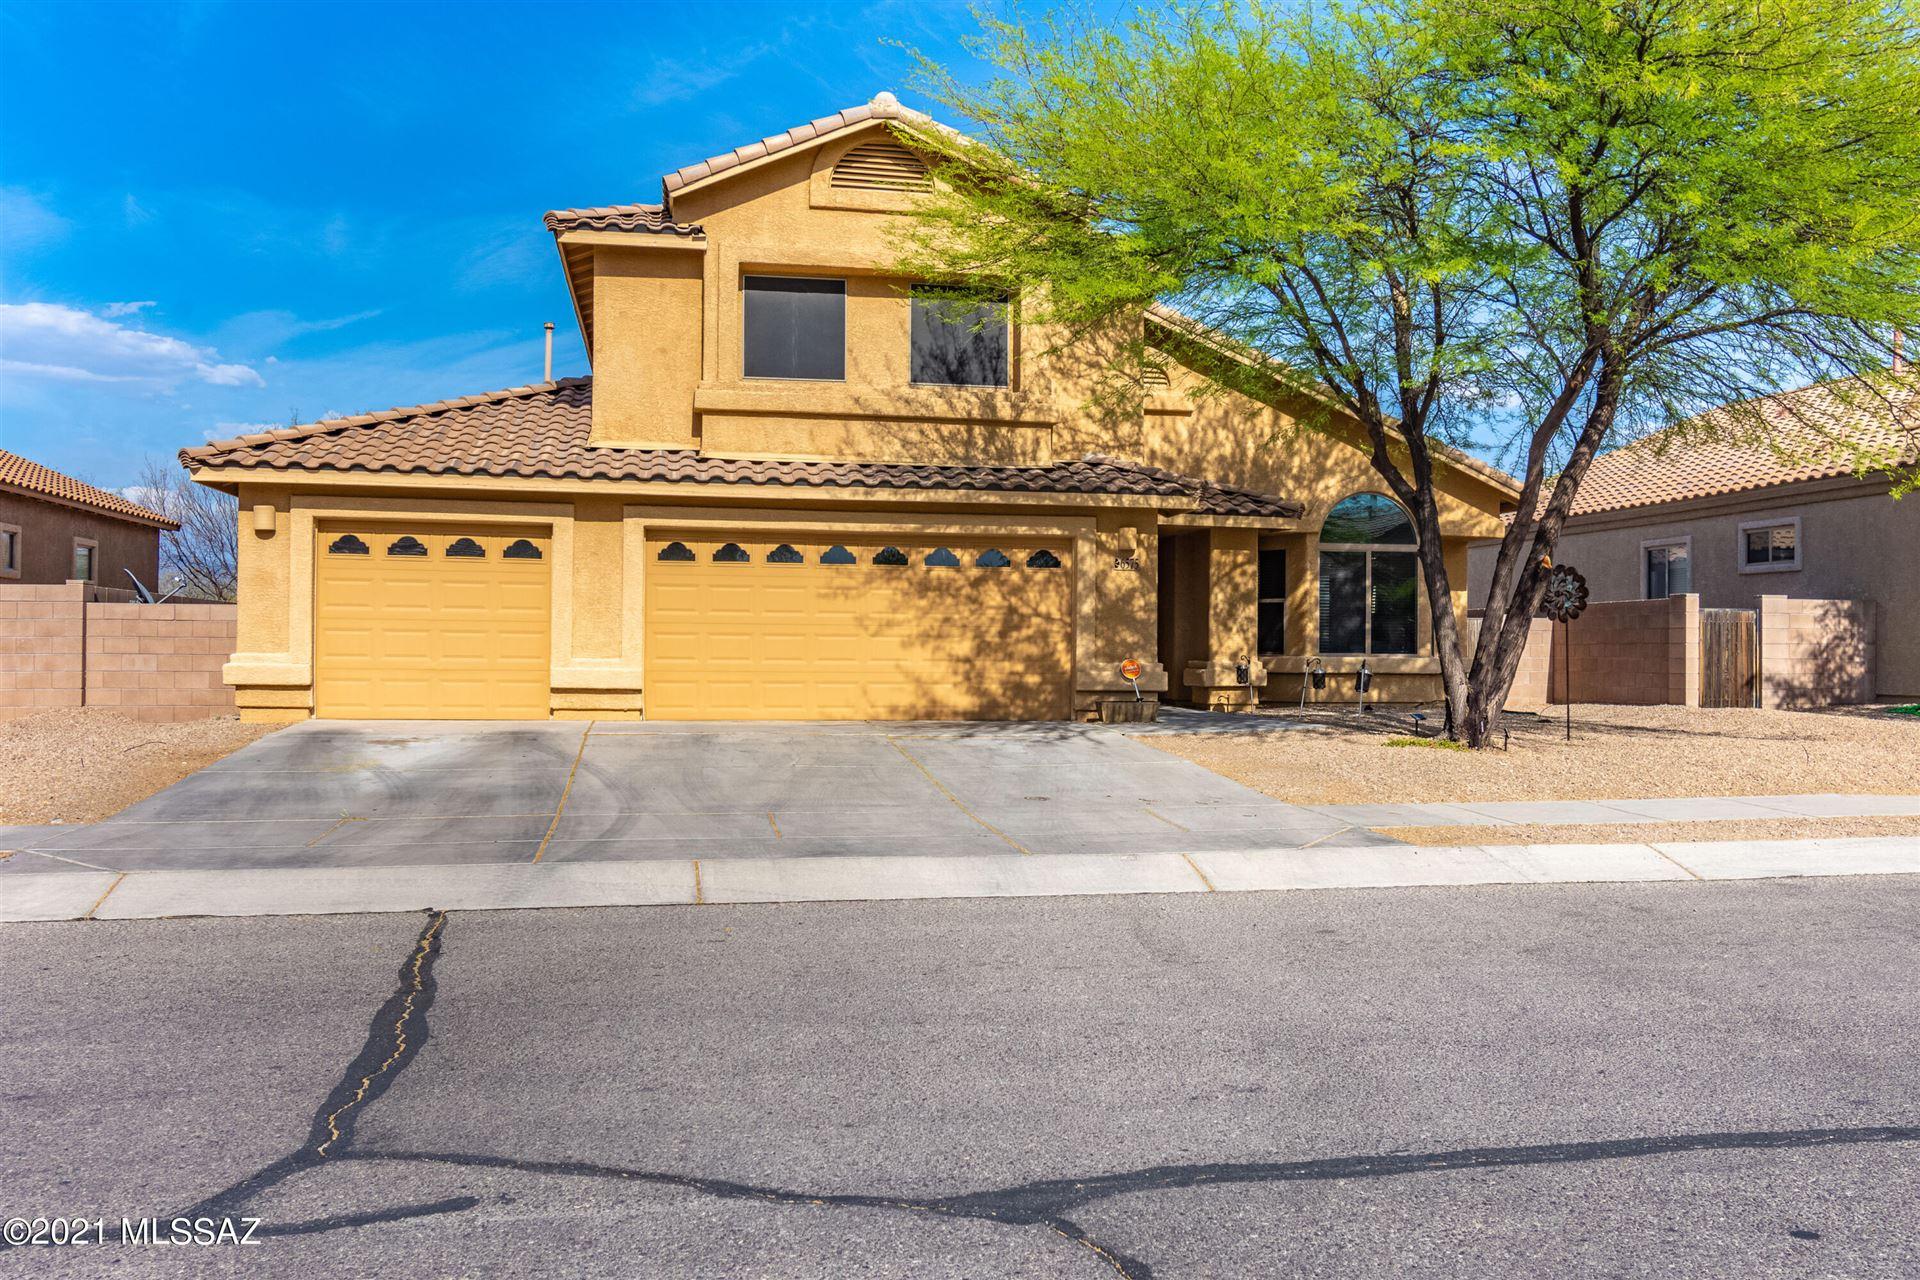 6575 S Lantana Vista Drive, Tucson, AZ 85756 - #: 22111855